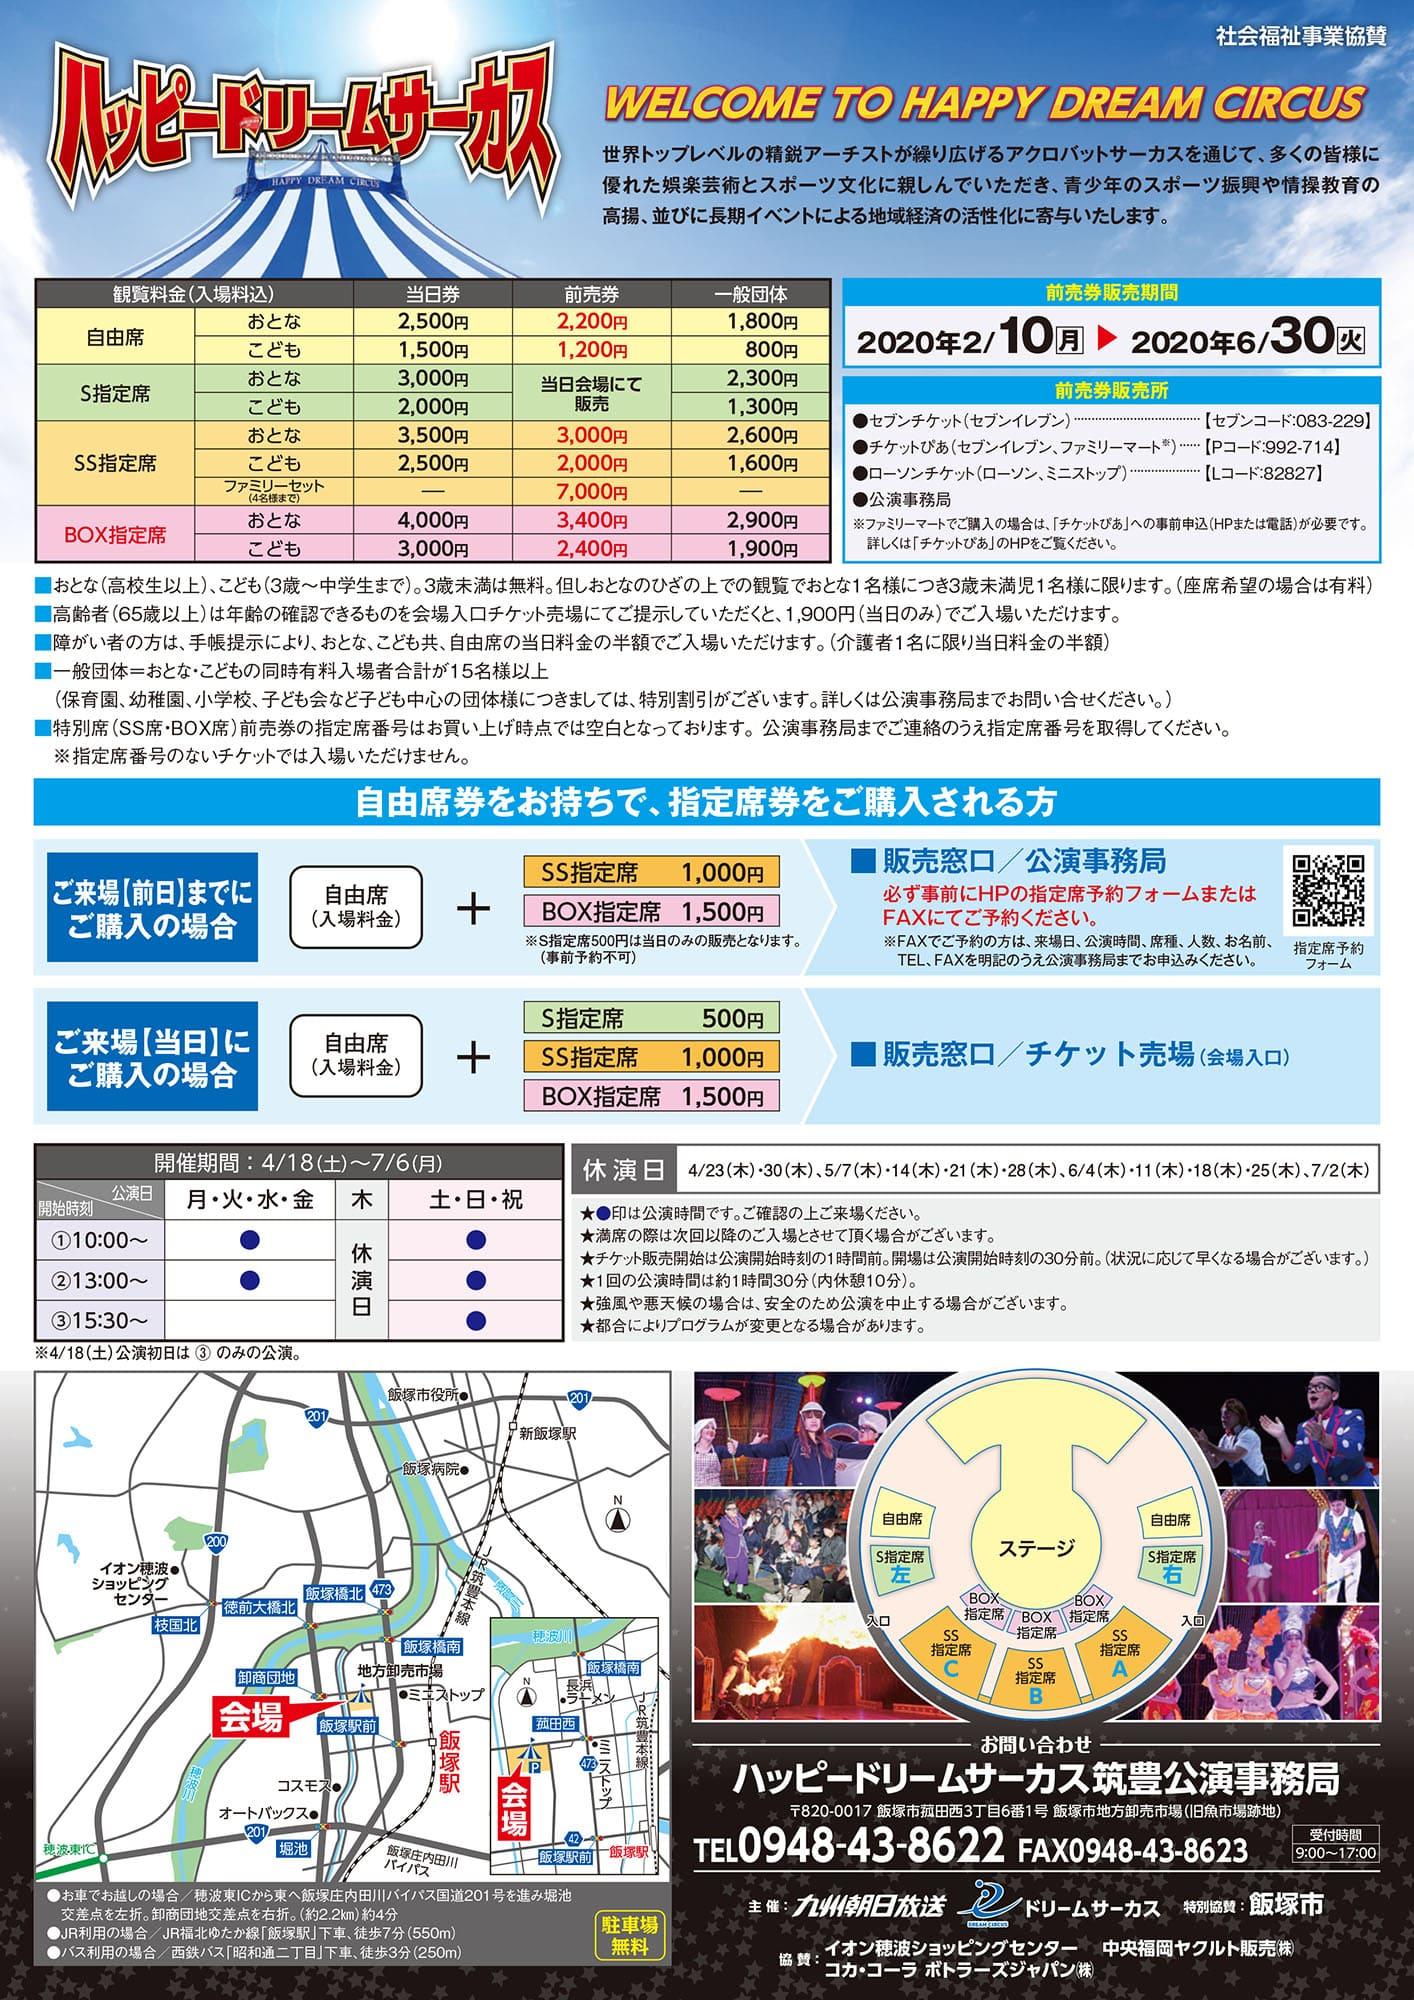 ハッピードリームサーカス 筑豊公演 2020